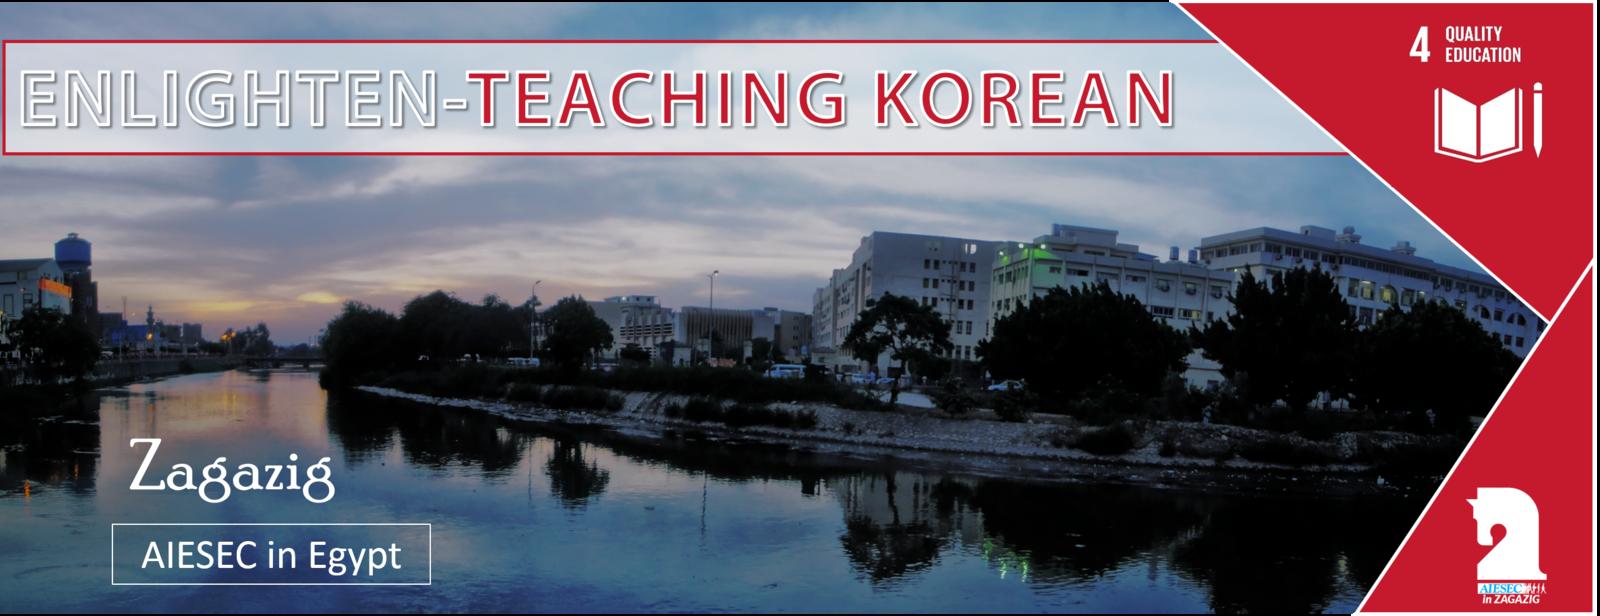 Enlighten - Teaching Korean Opportunity in EGYPT #4